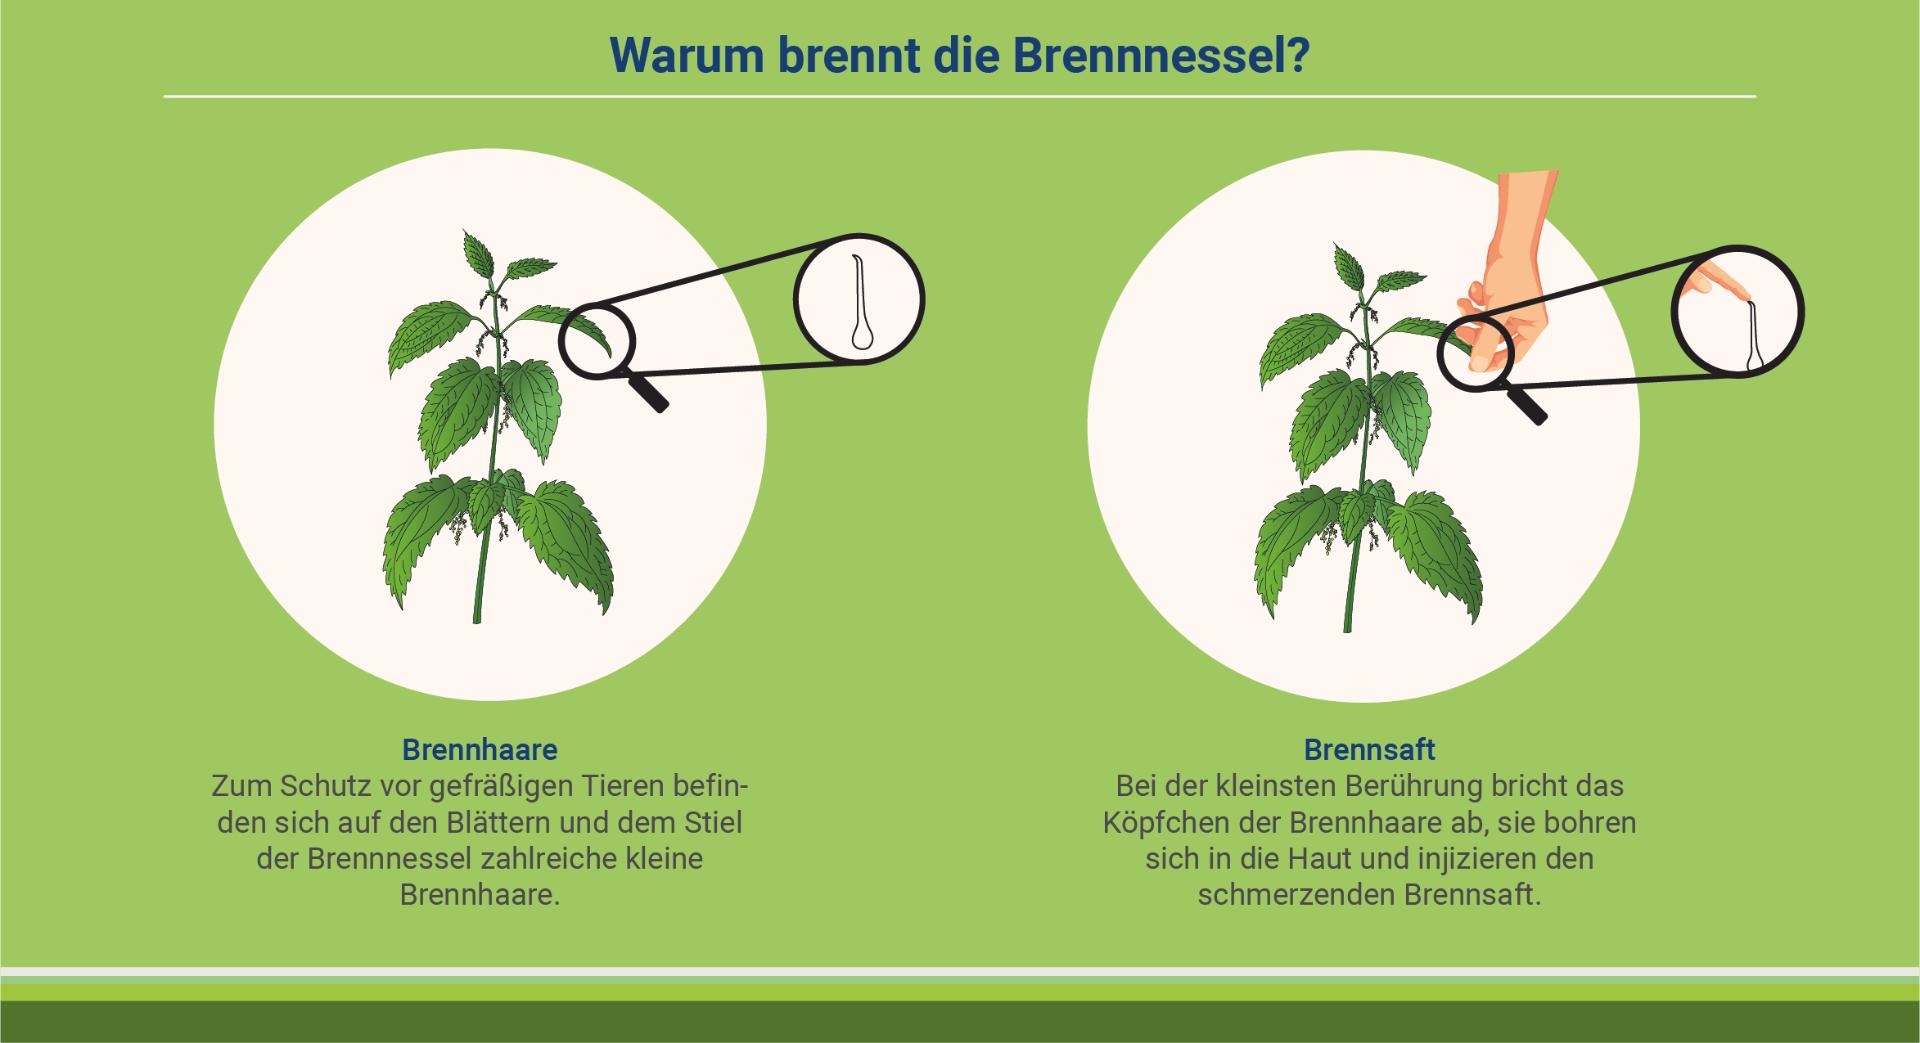 infografik-warum-brennt-die-brennnessel